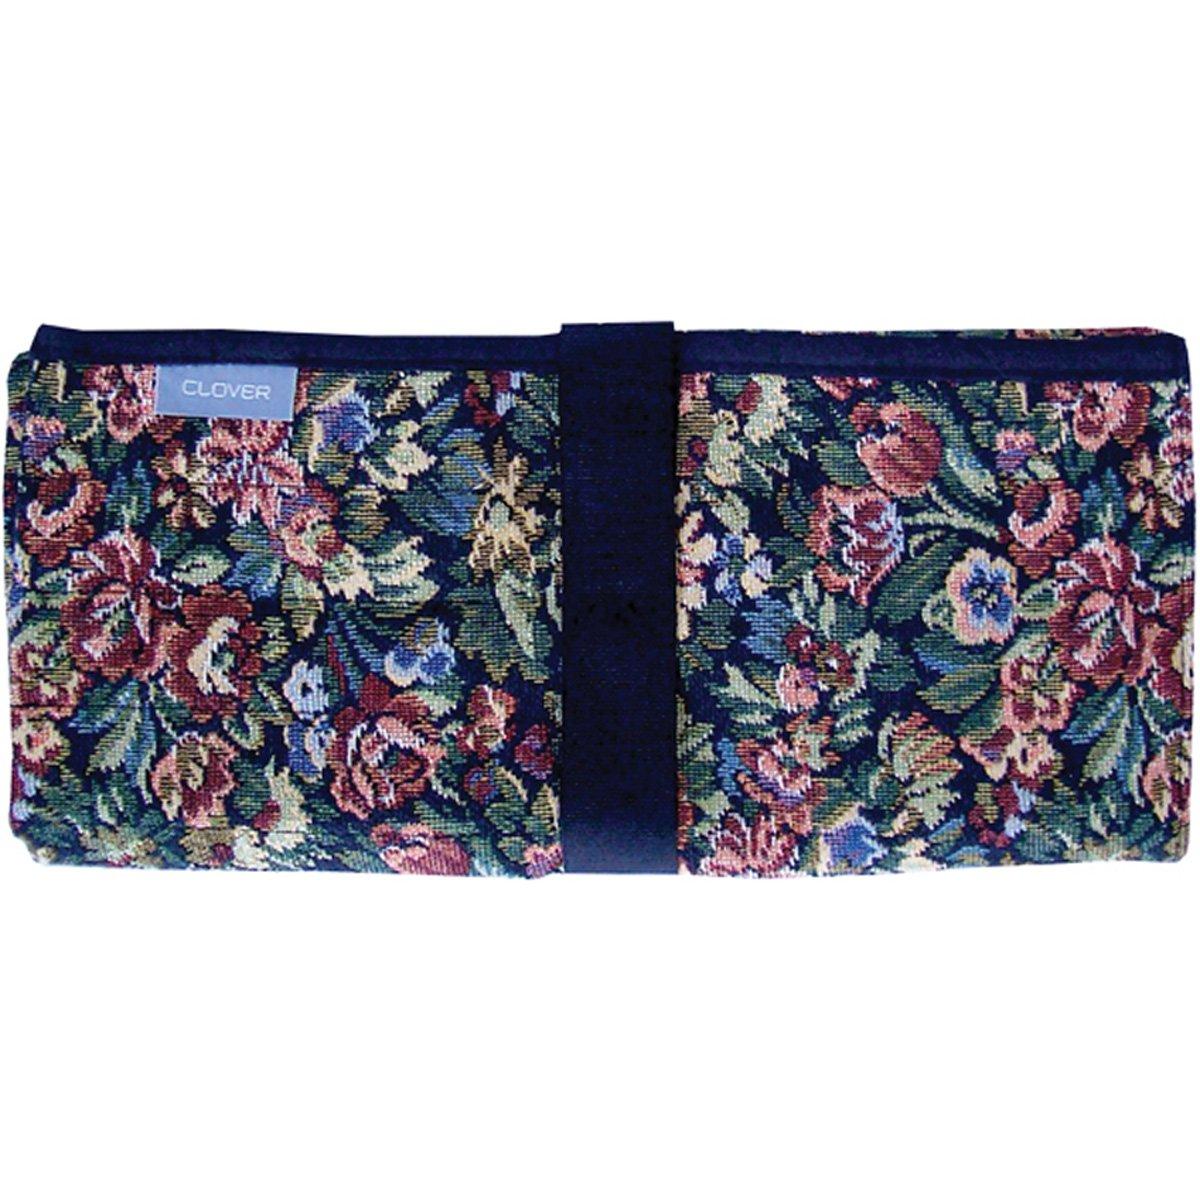 Clover Tapestry Knitting Needle Case Mini 3611